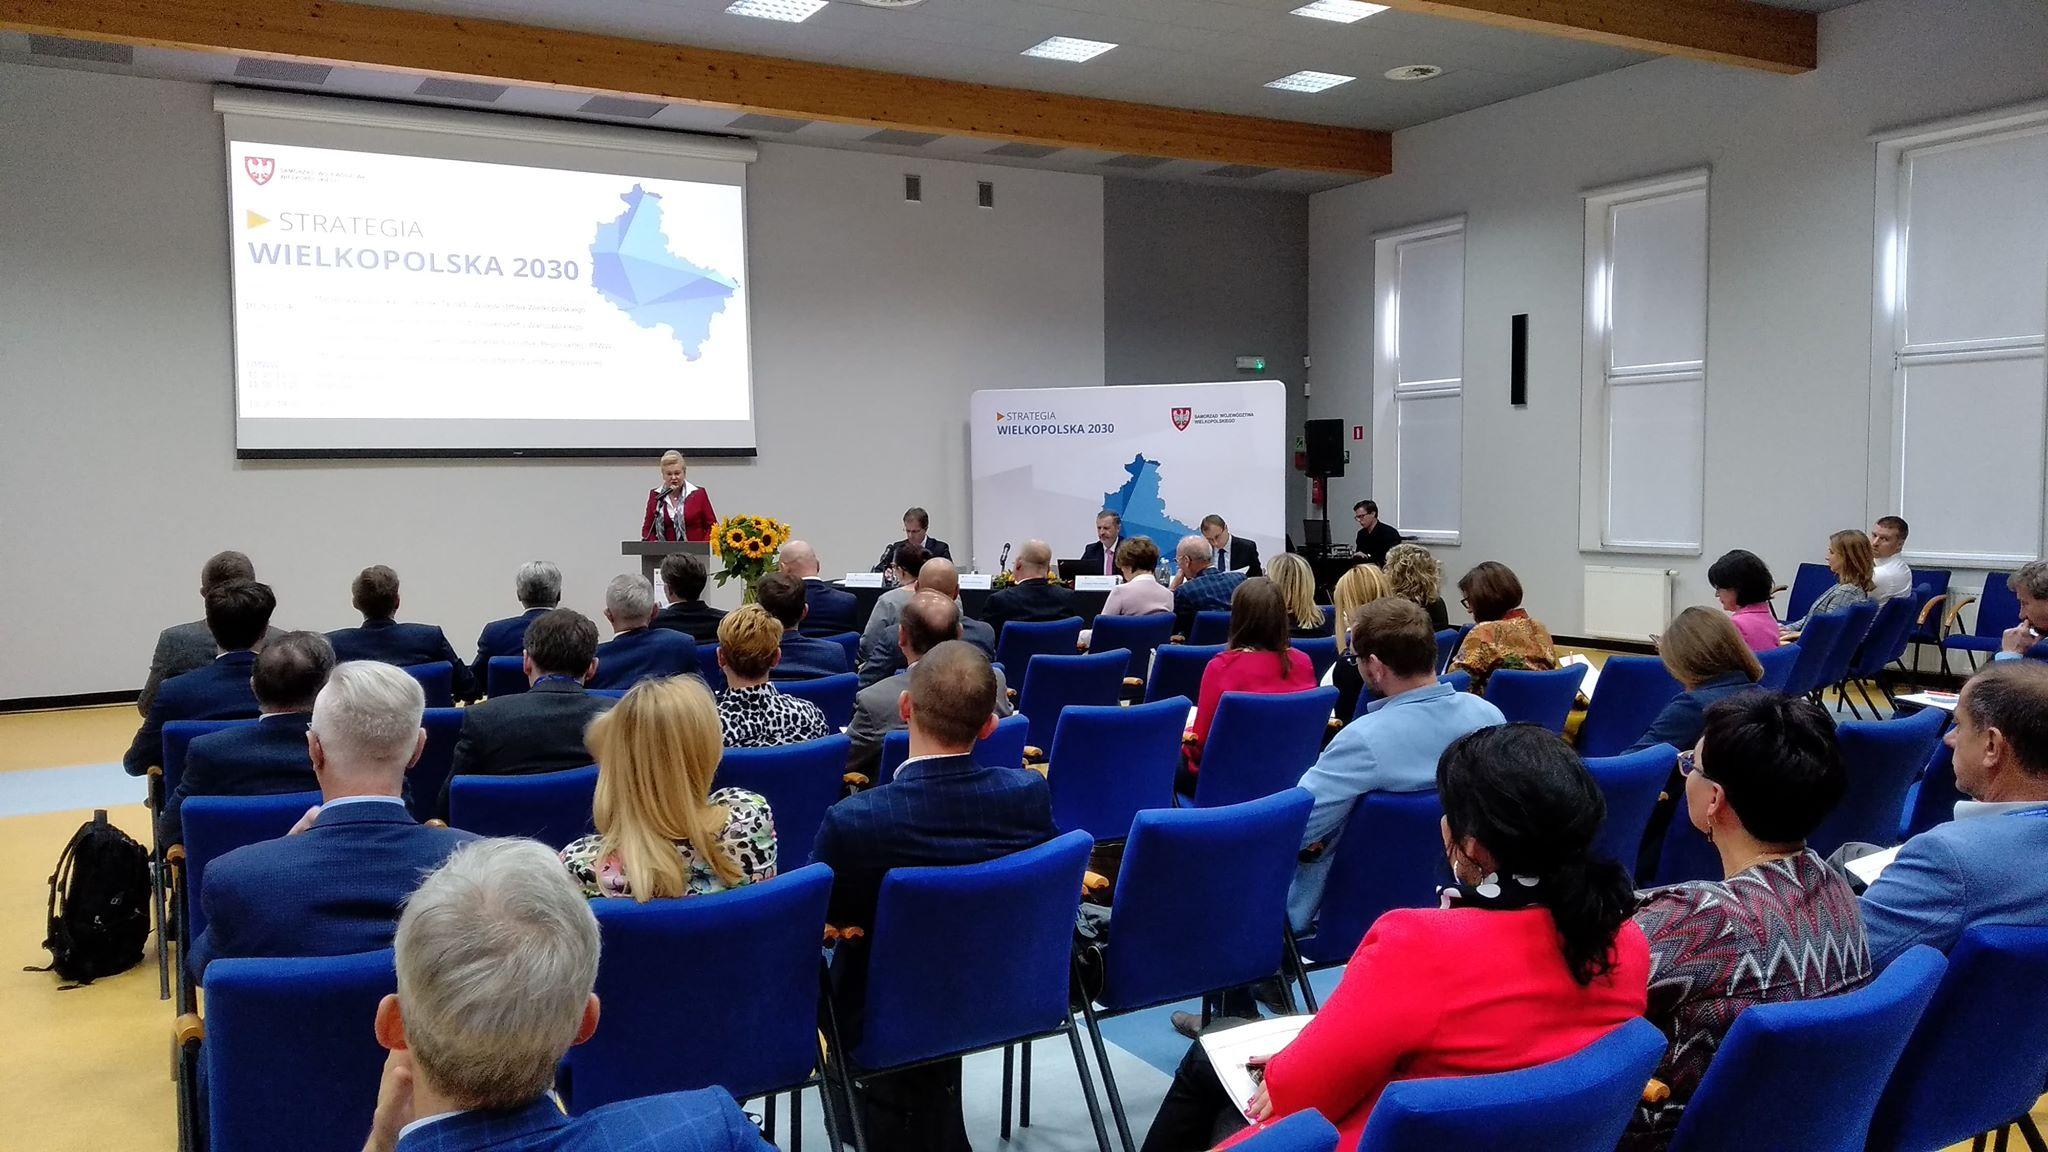 1 - Razem zaplanujmy dobrą przyszłość Wielkopolski. Ruszyły konsultacje społeczne